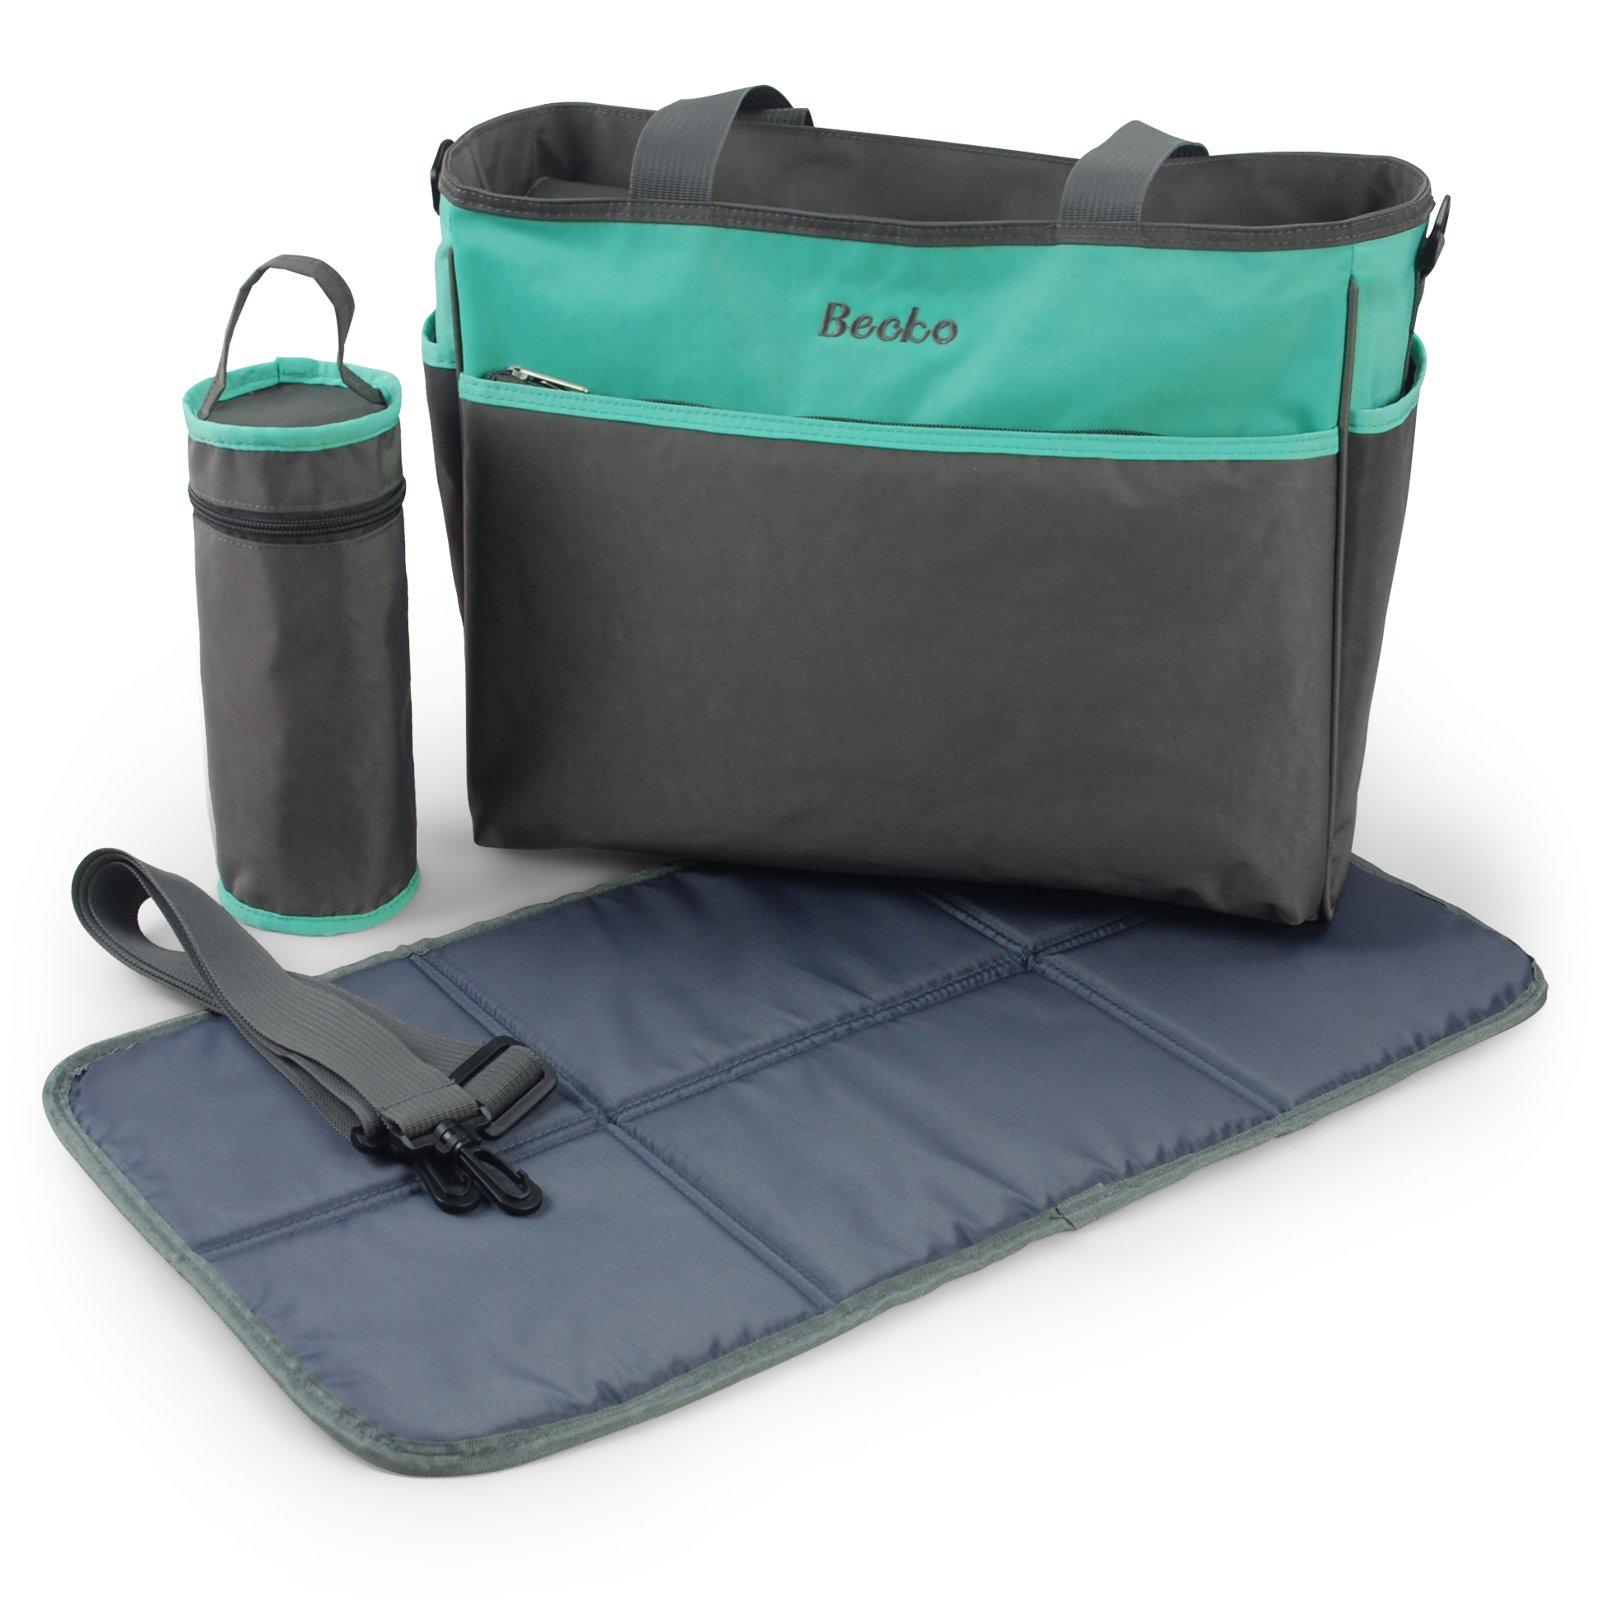 becko functional travel diaper bag adjustable single shoulder bag tote handbag ebay. Black Bedroom Furniture Sets. Home Design Ideas